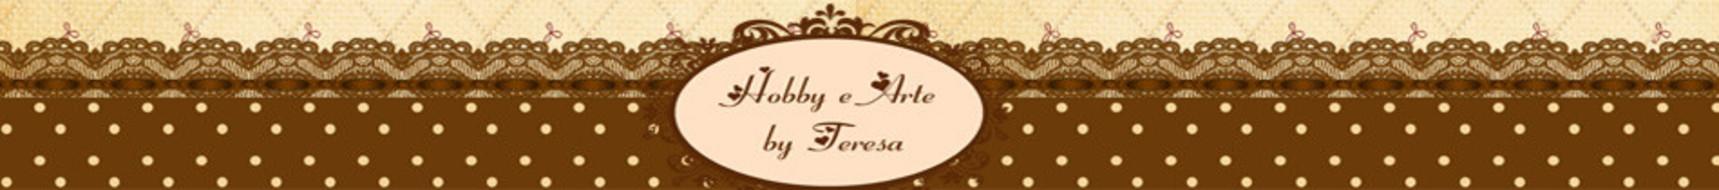 Hobby e Arte by Teresa